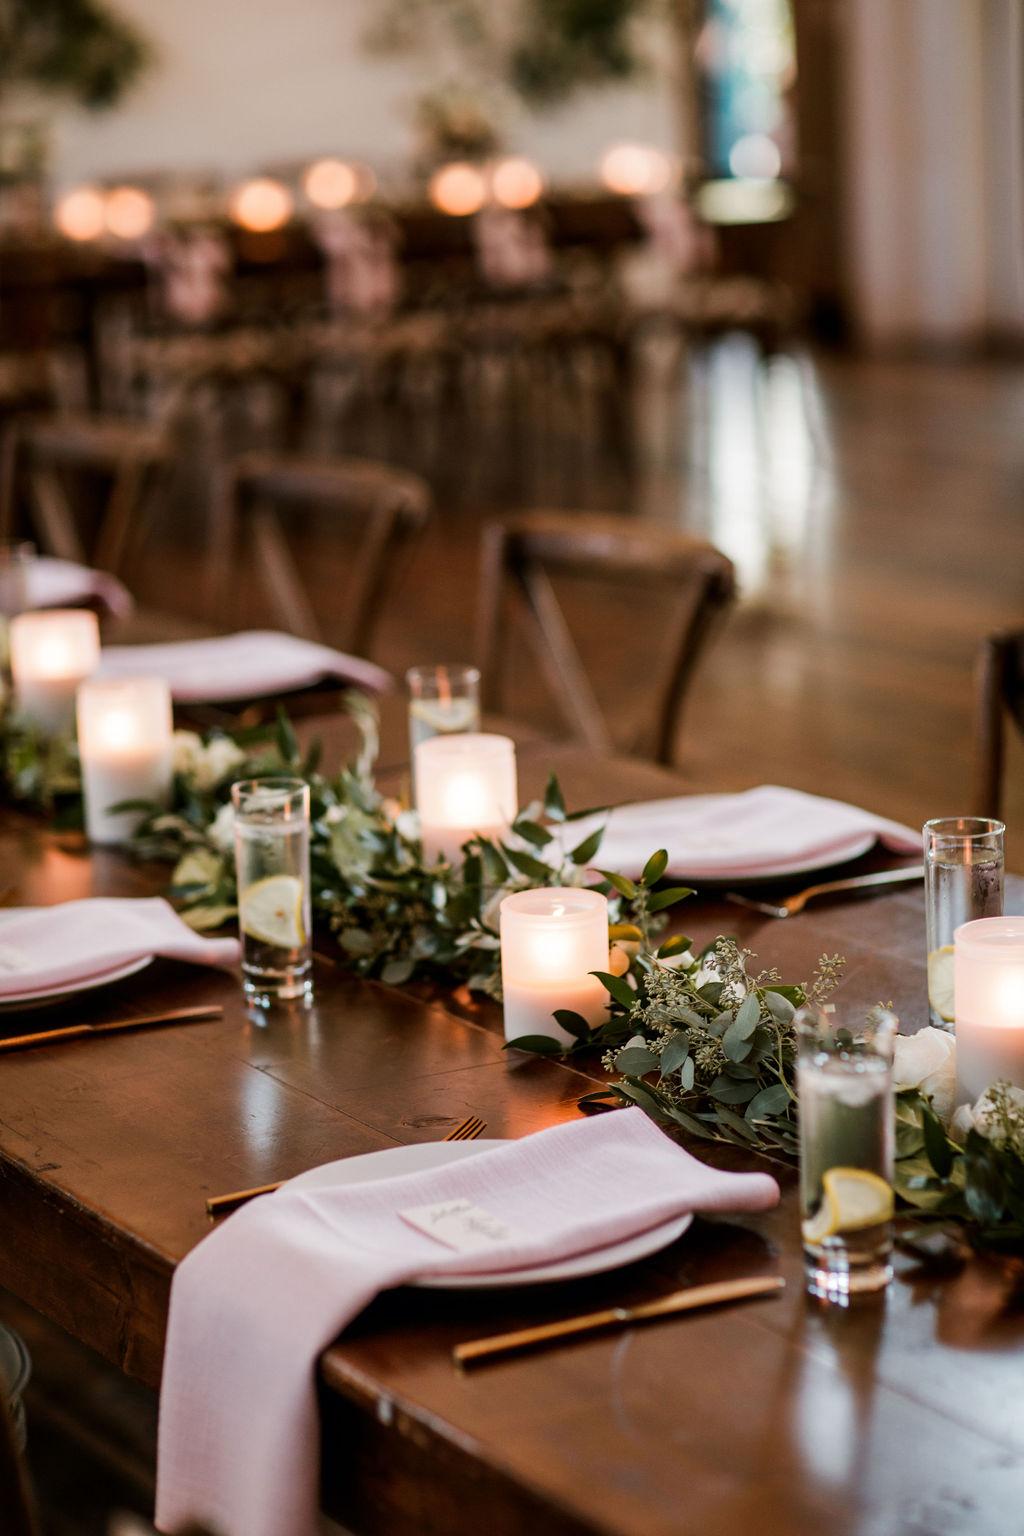 Brunch wedding reception at The Cordelle | Nashville Bride Guide